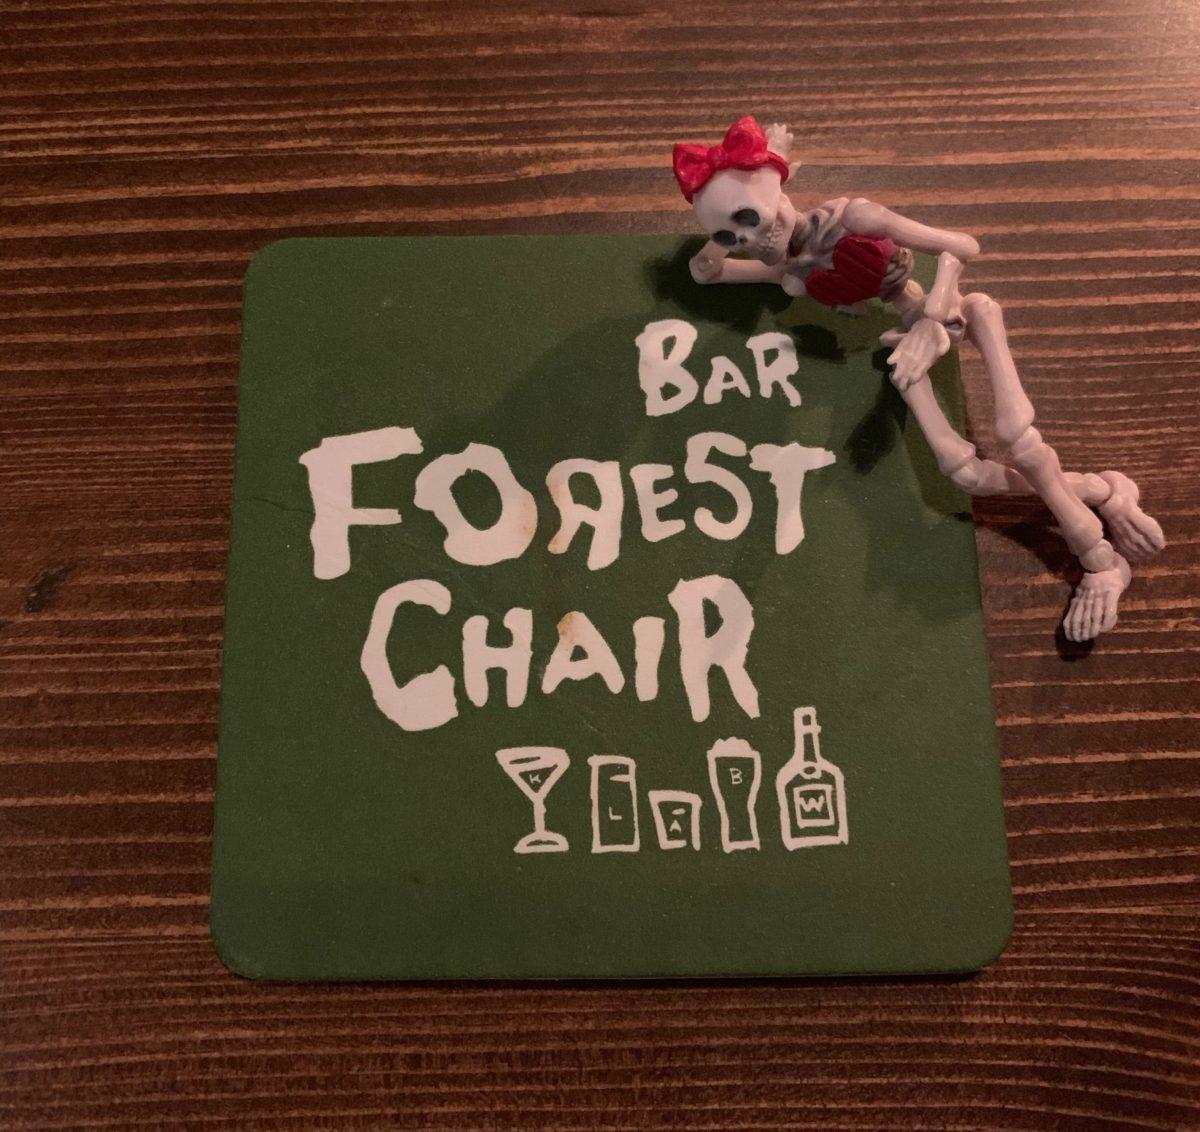 BAR FOREST CHAIR 様